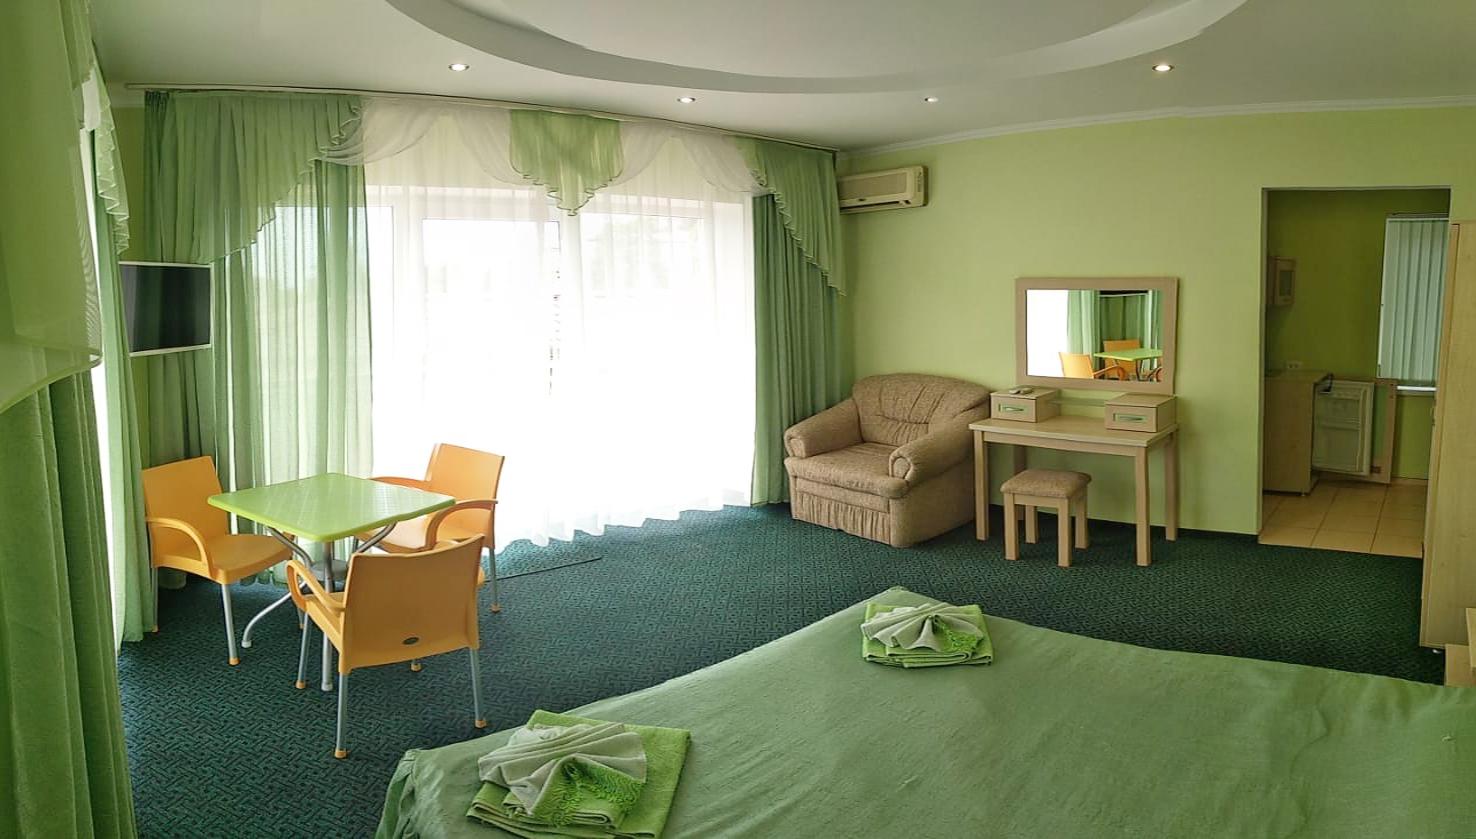 номер 6 - Алушта гостиница Мечта